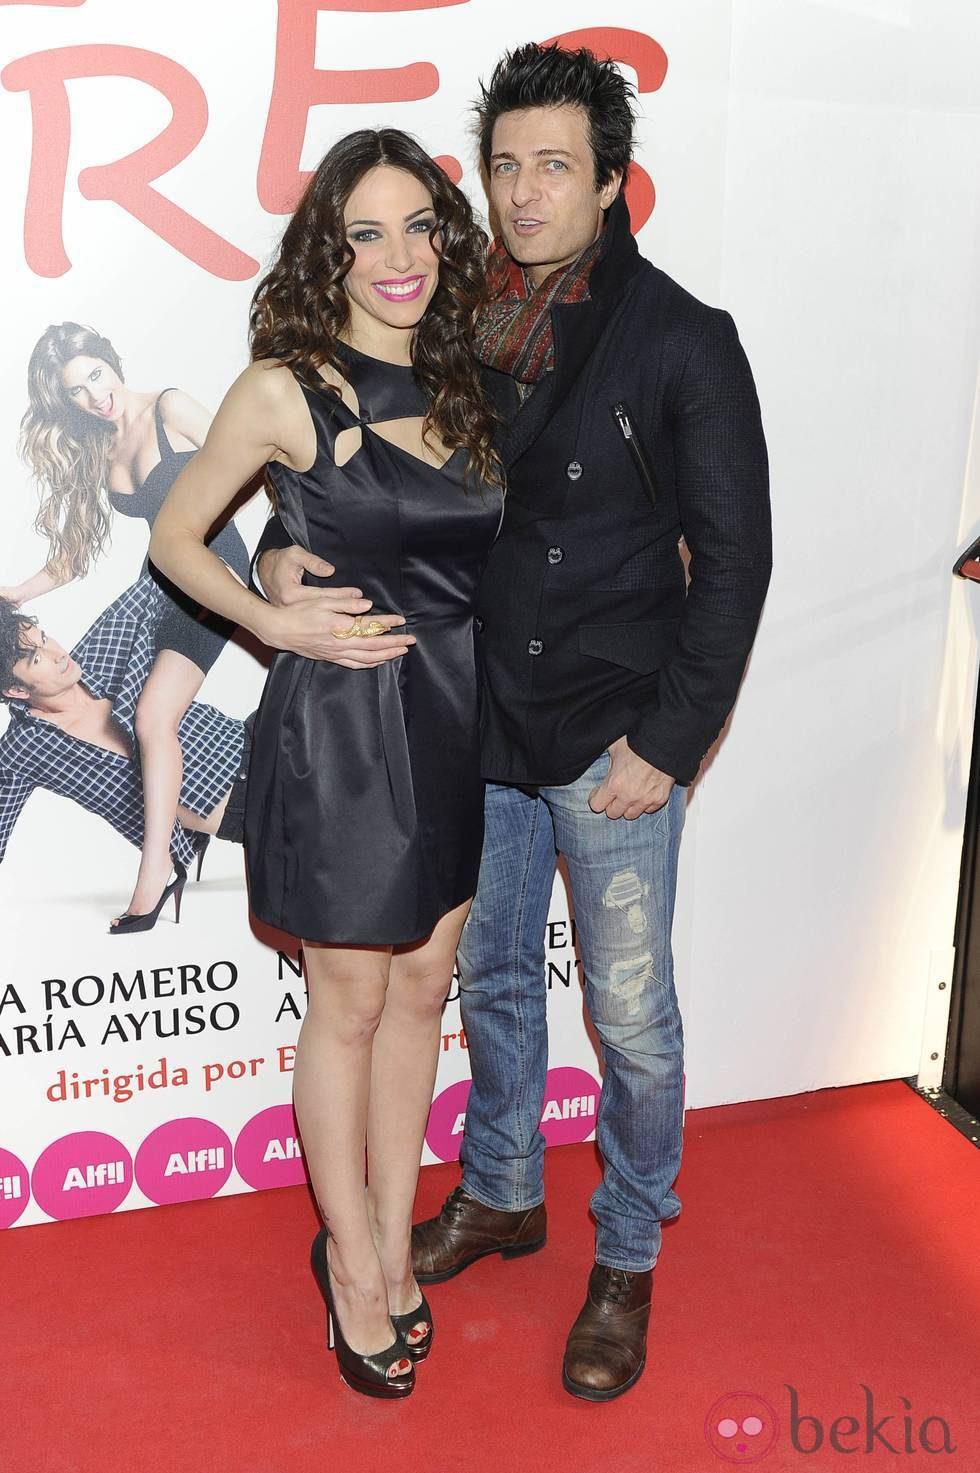 Nerea Garmendia y Jesús Olmedo en el estreno de 'Tres'